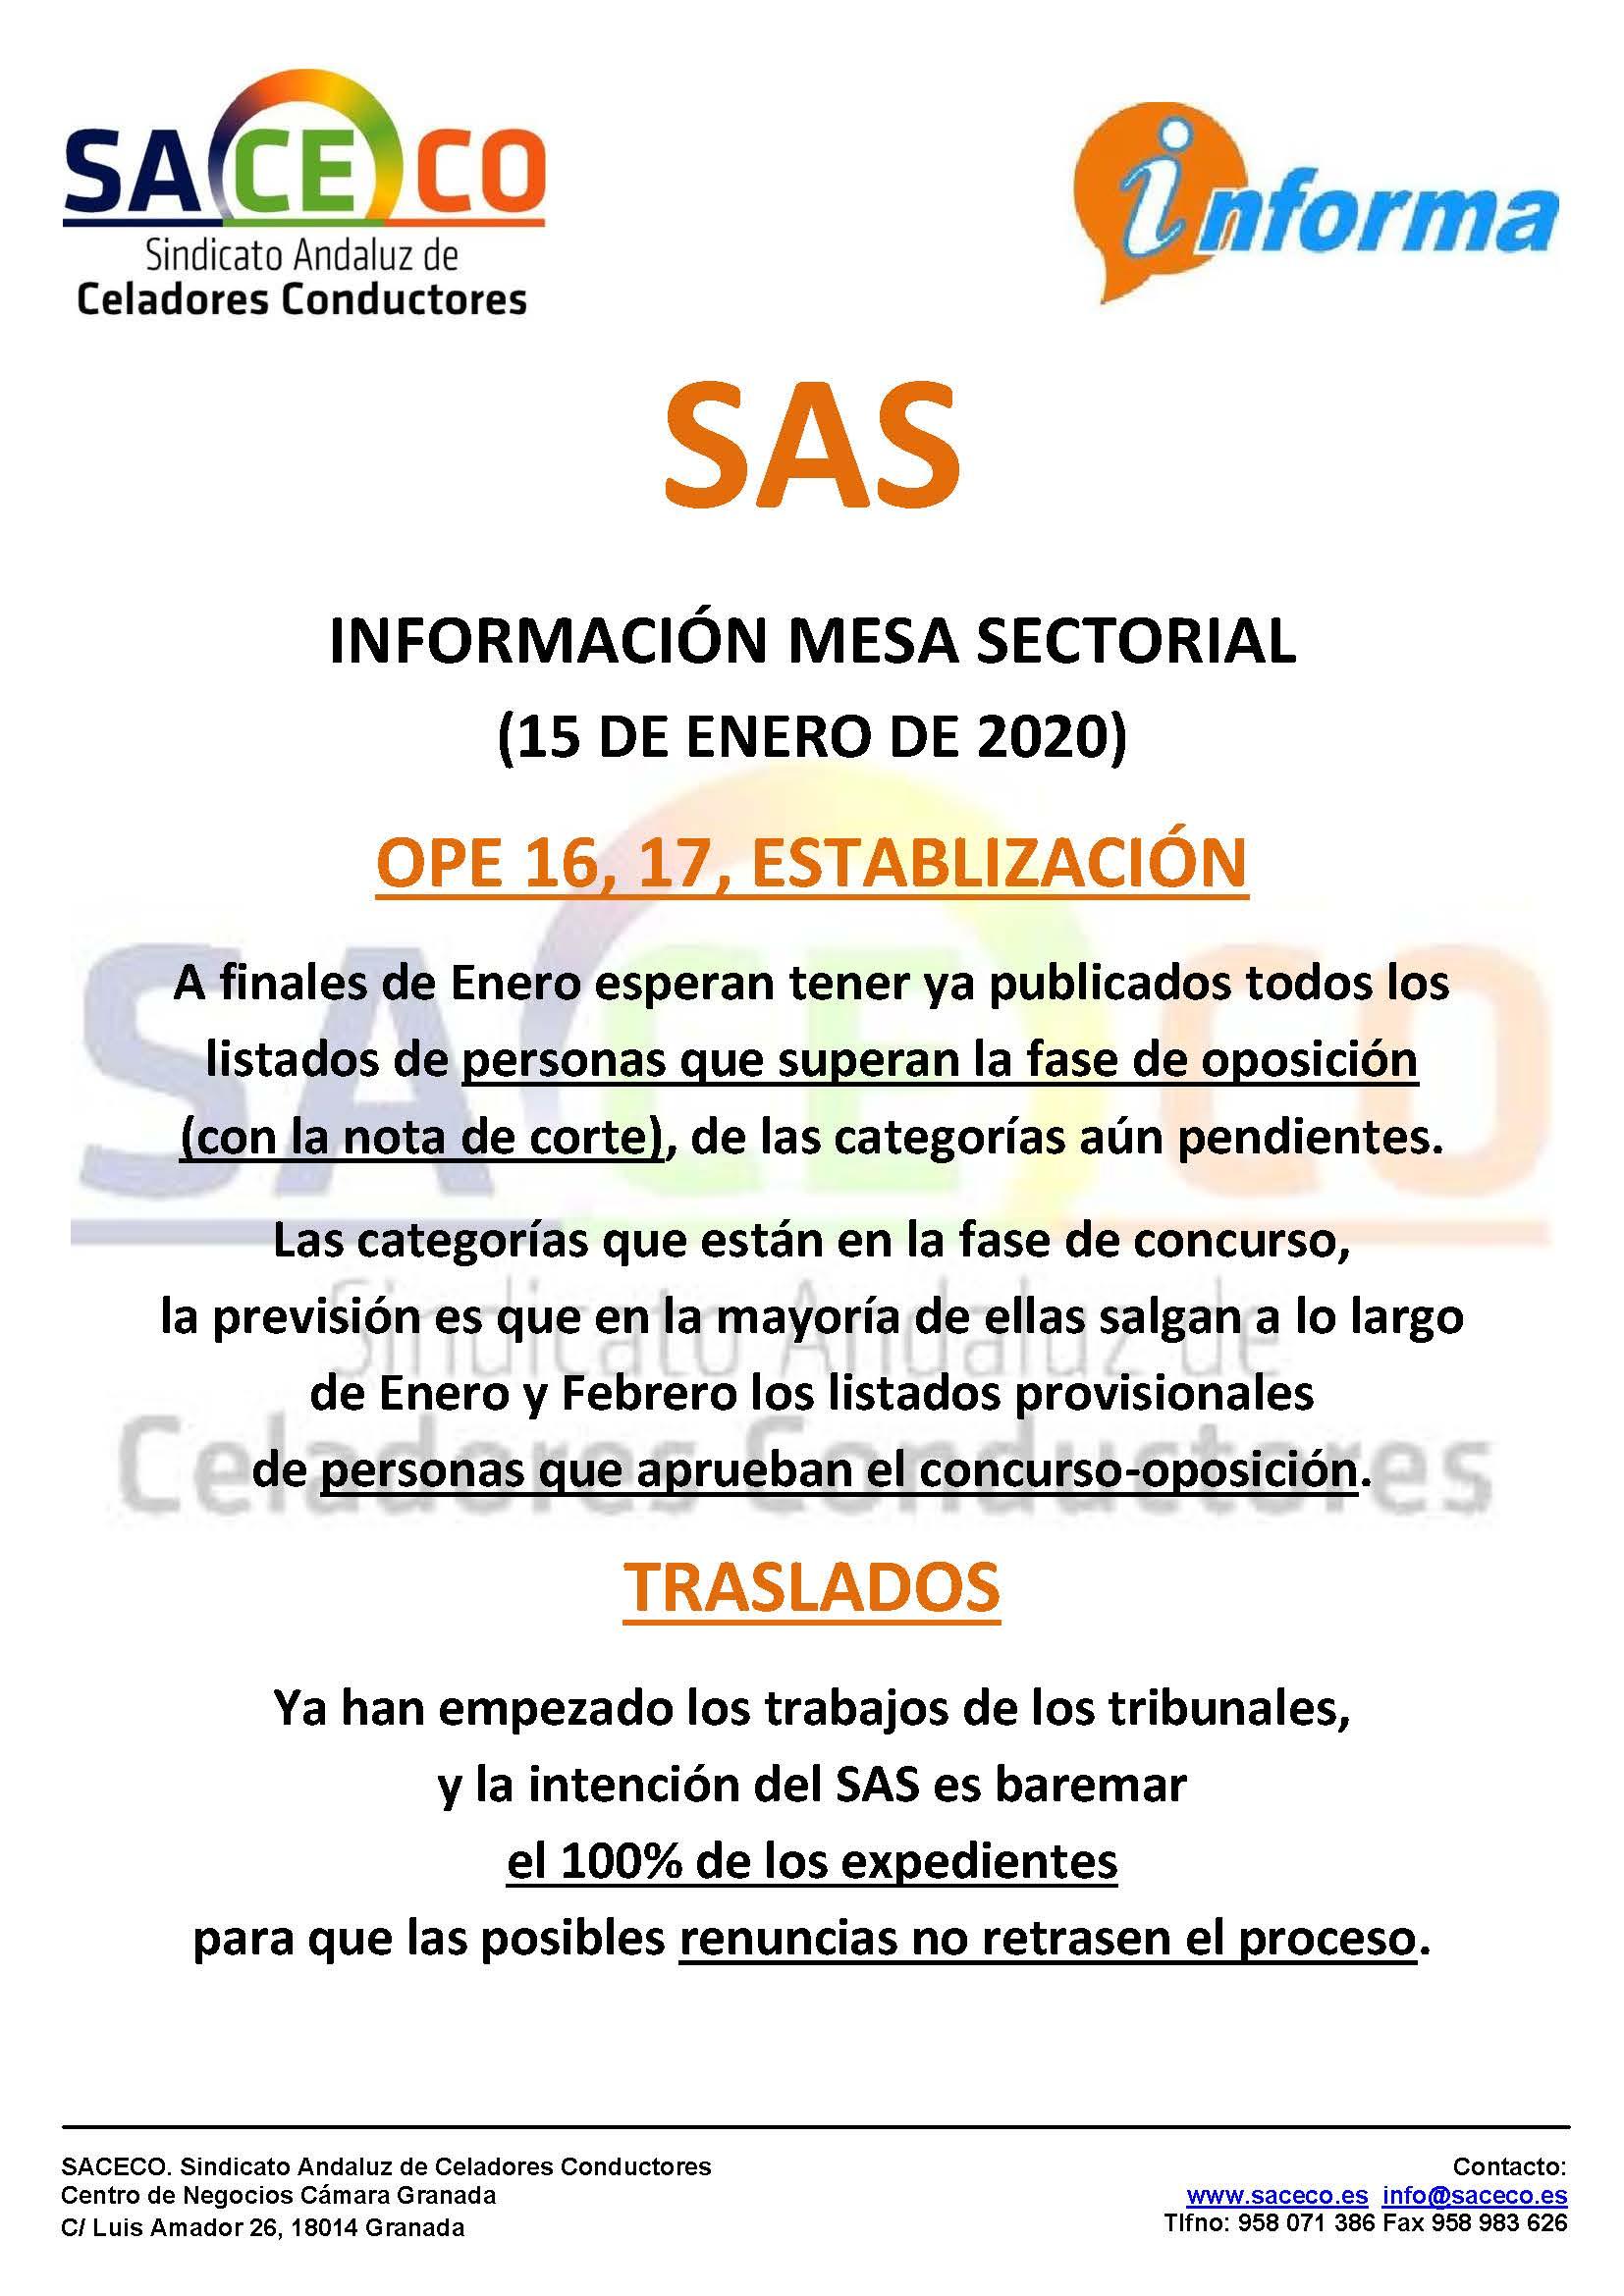 SAS OPE Y TRASLADOS